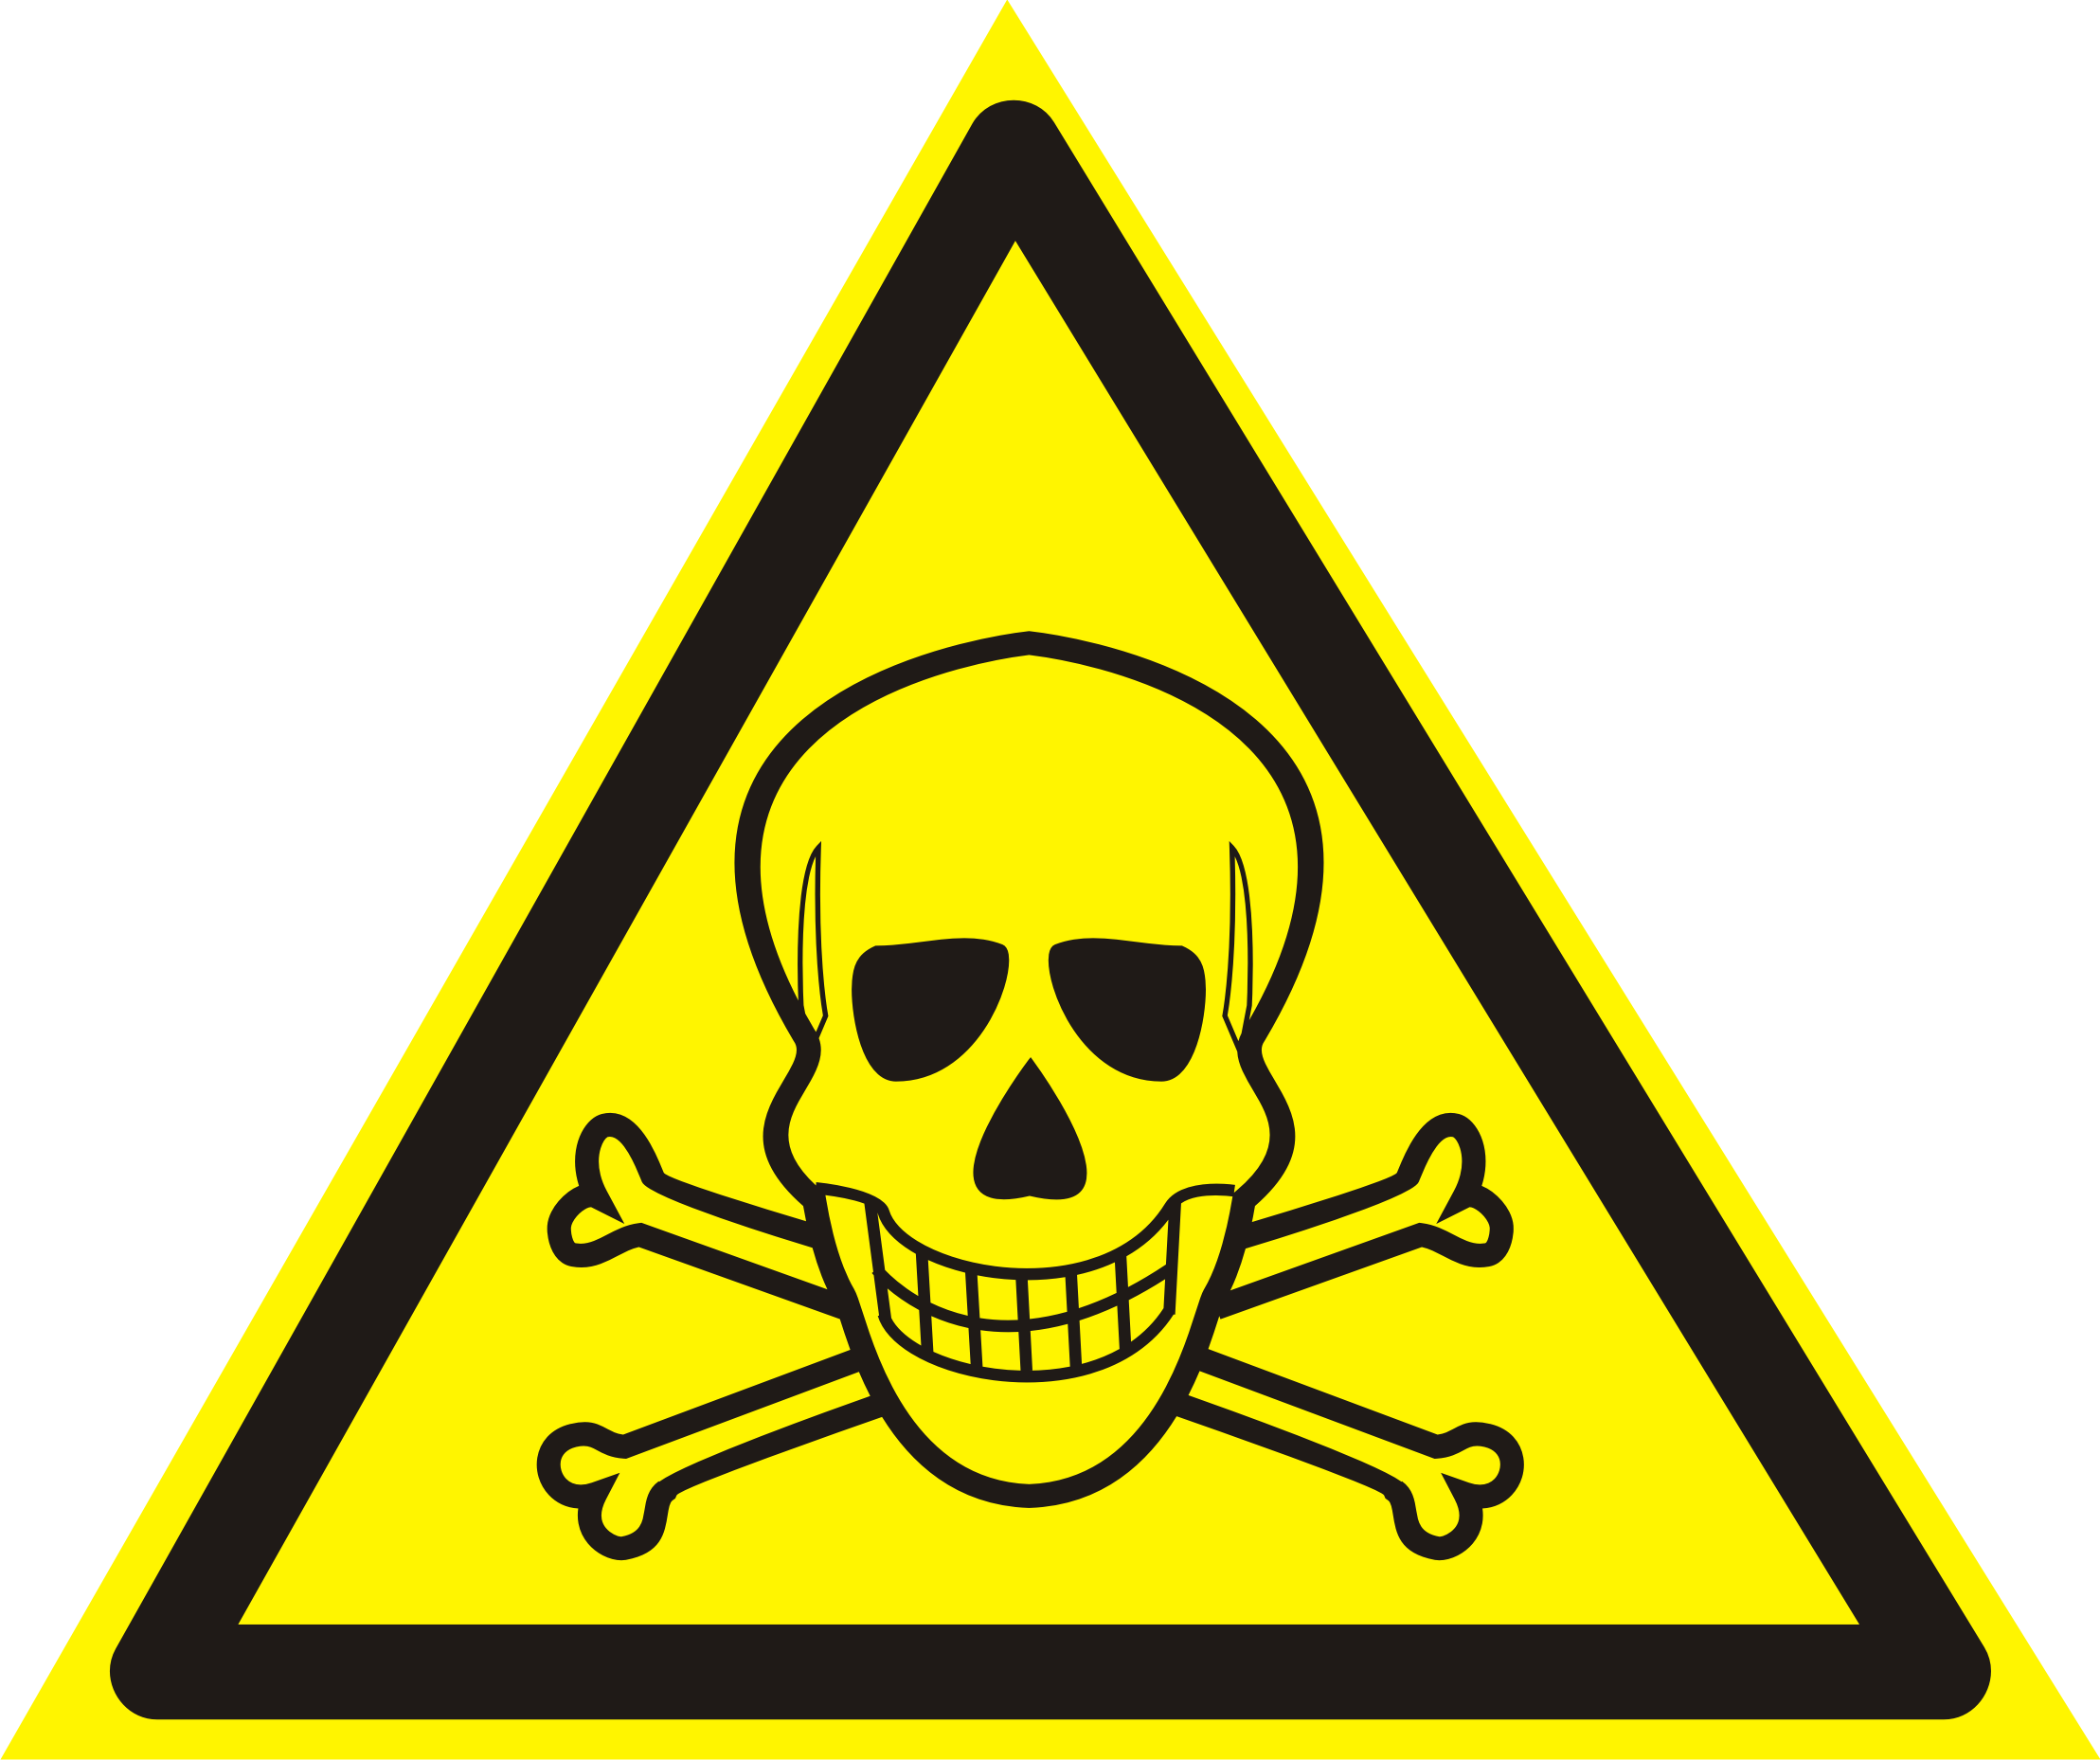 череп - опасно для жизни